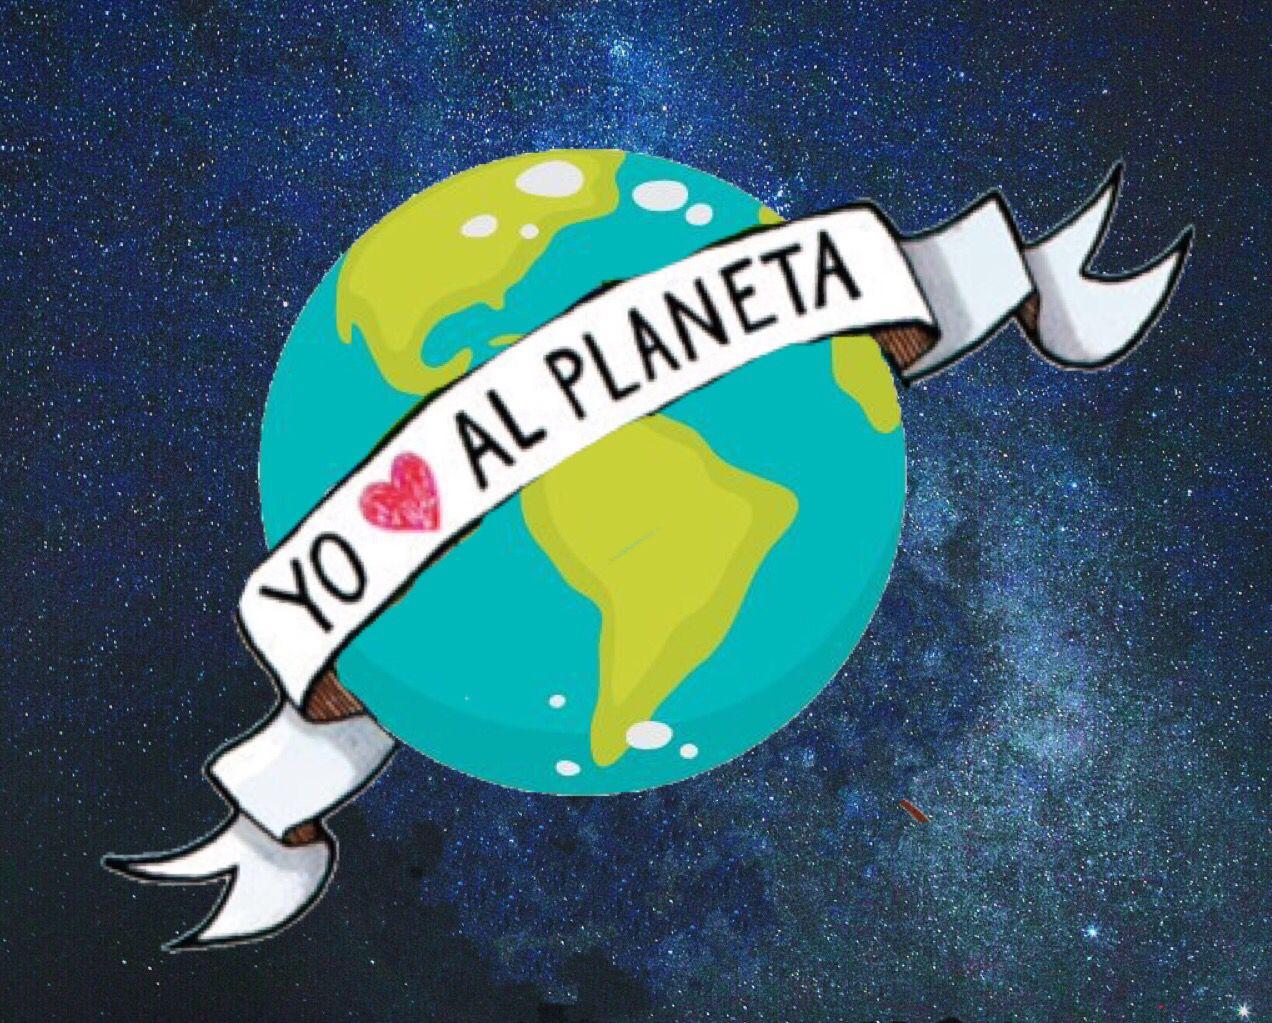 7 Yo Amo Al Planeta Gaea Enamel Pins Clean Up